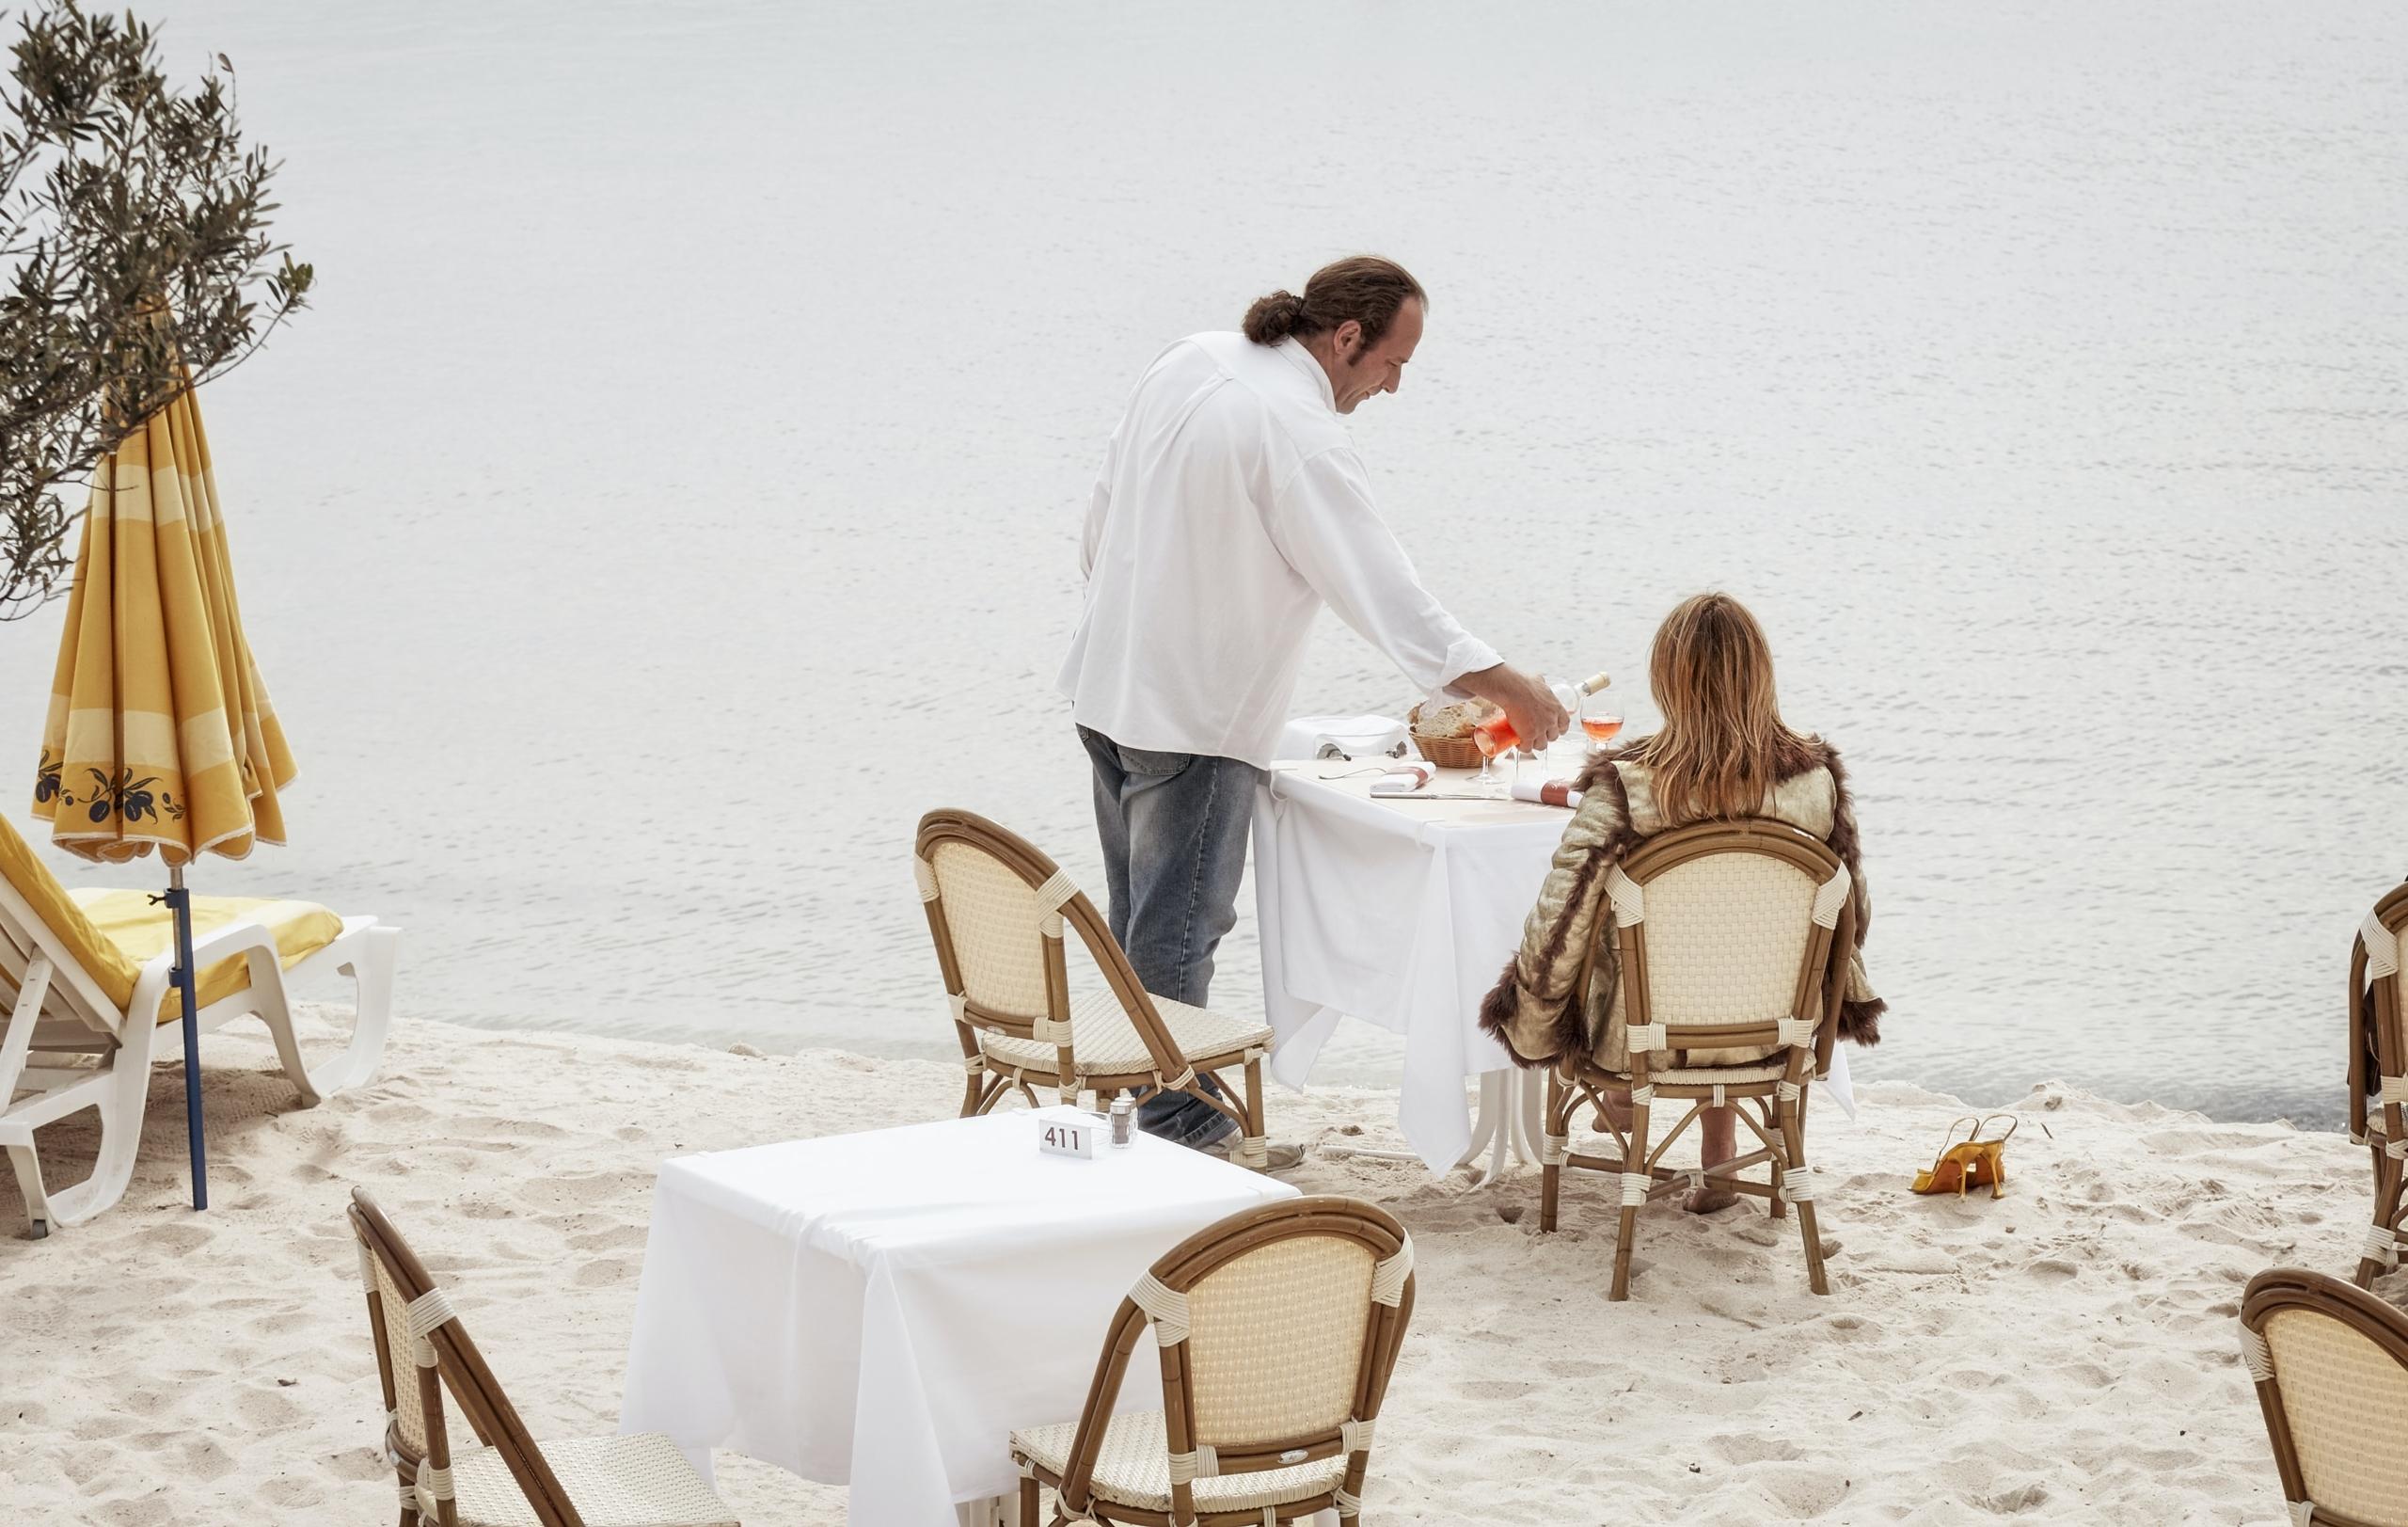 Eine Buchautorin sitzt am Strand und lässt sich vom Kellner bewirten.